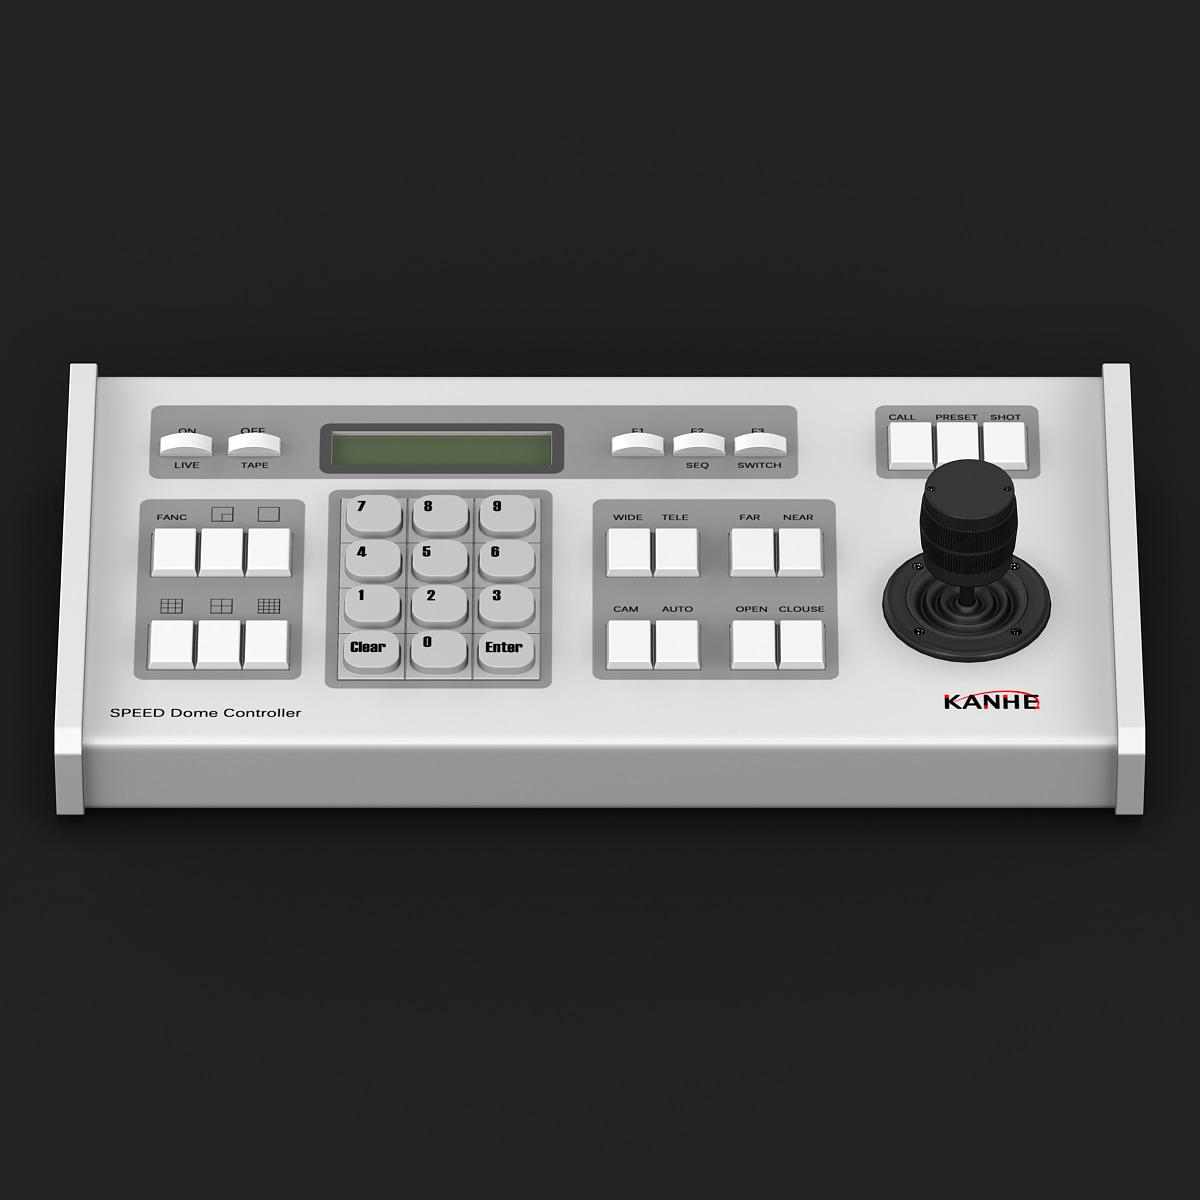 Keyboard_Controller_for_Cameras_V2_001.jpg